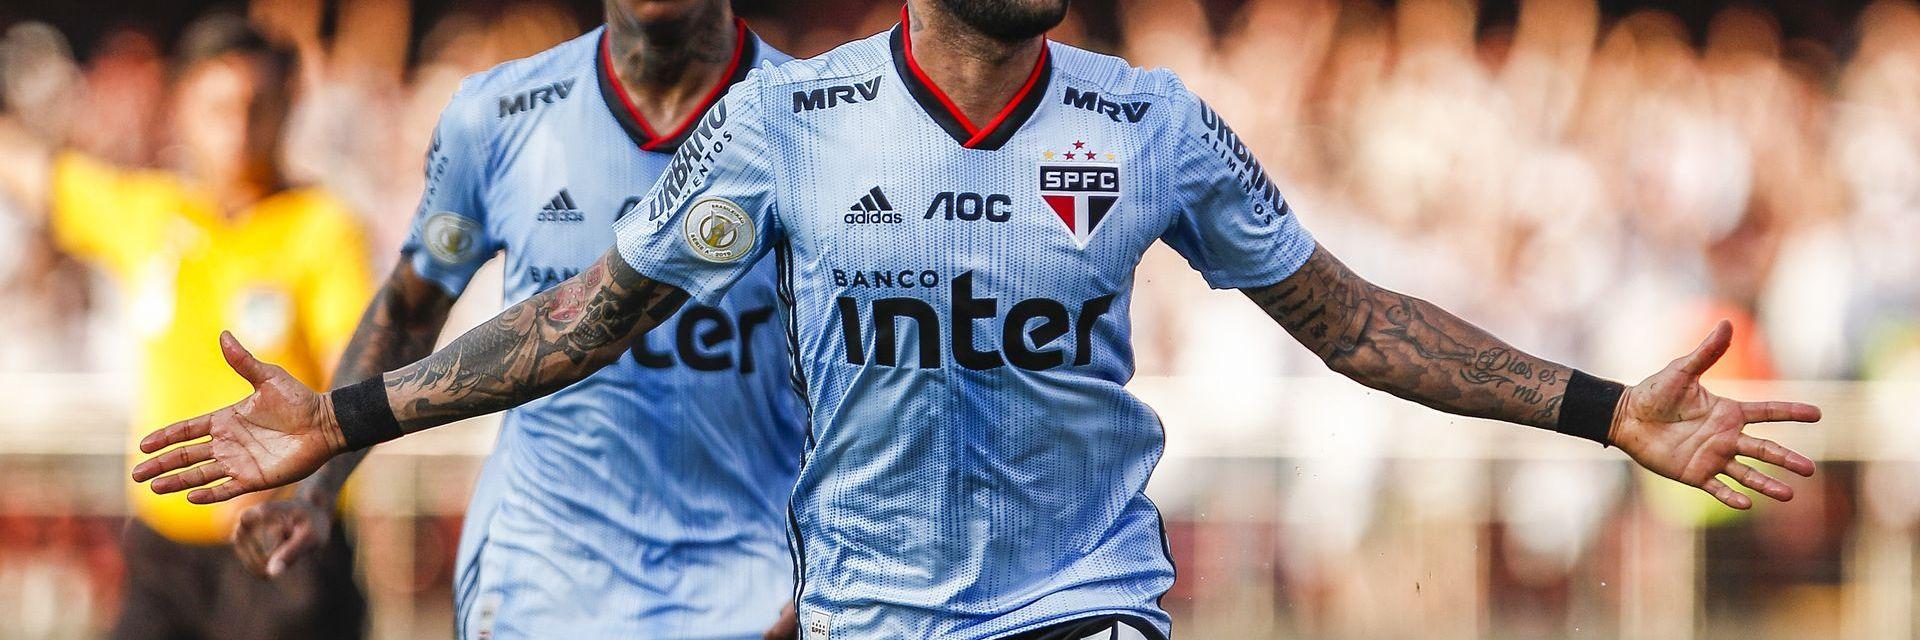 Най-титулуваният играч в света с дебют-мечта в Сао Пауло